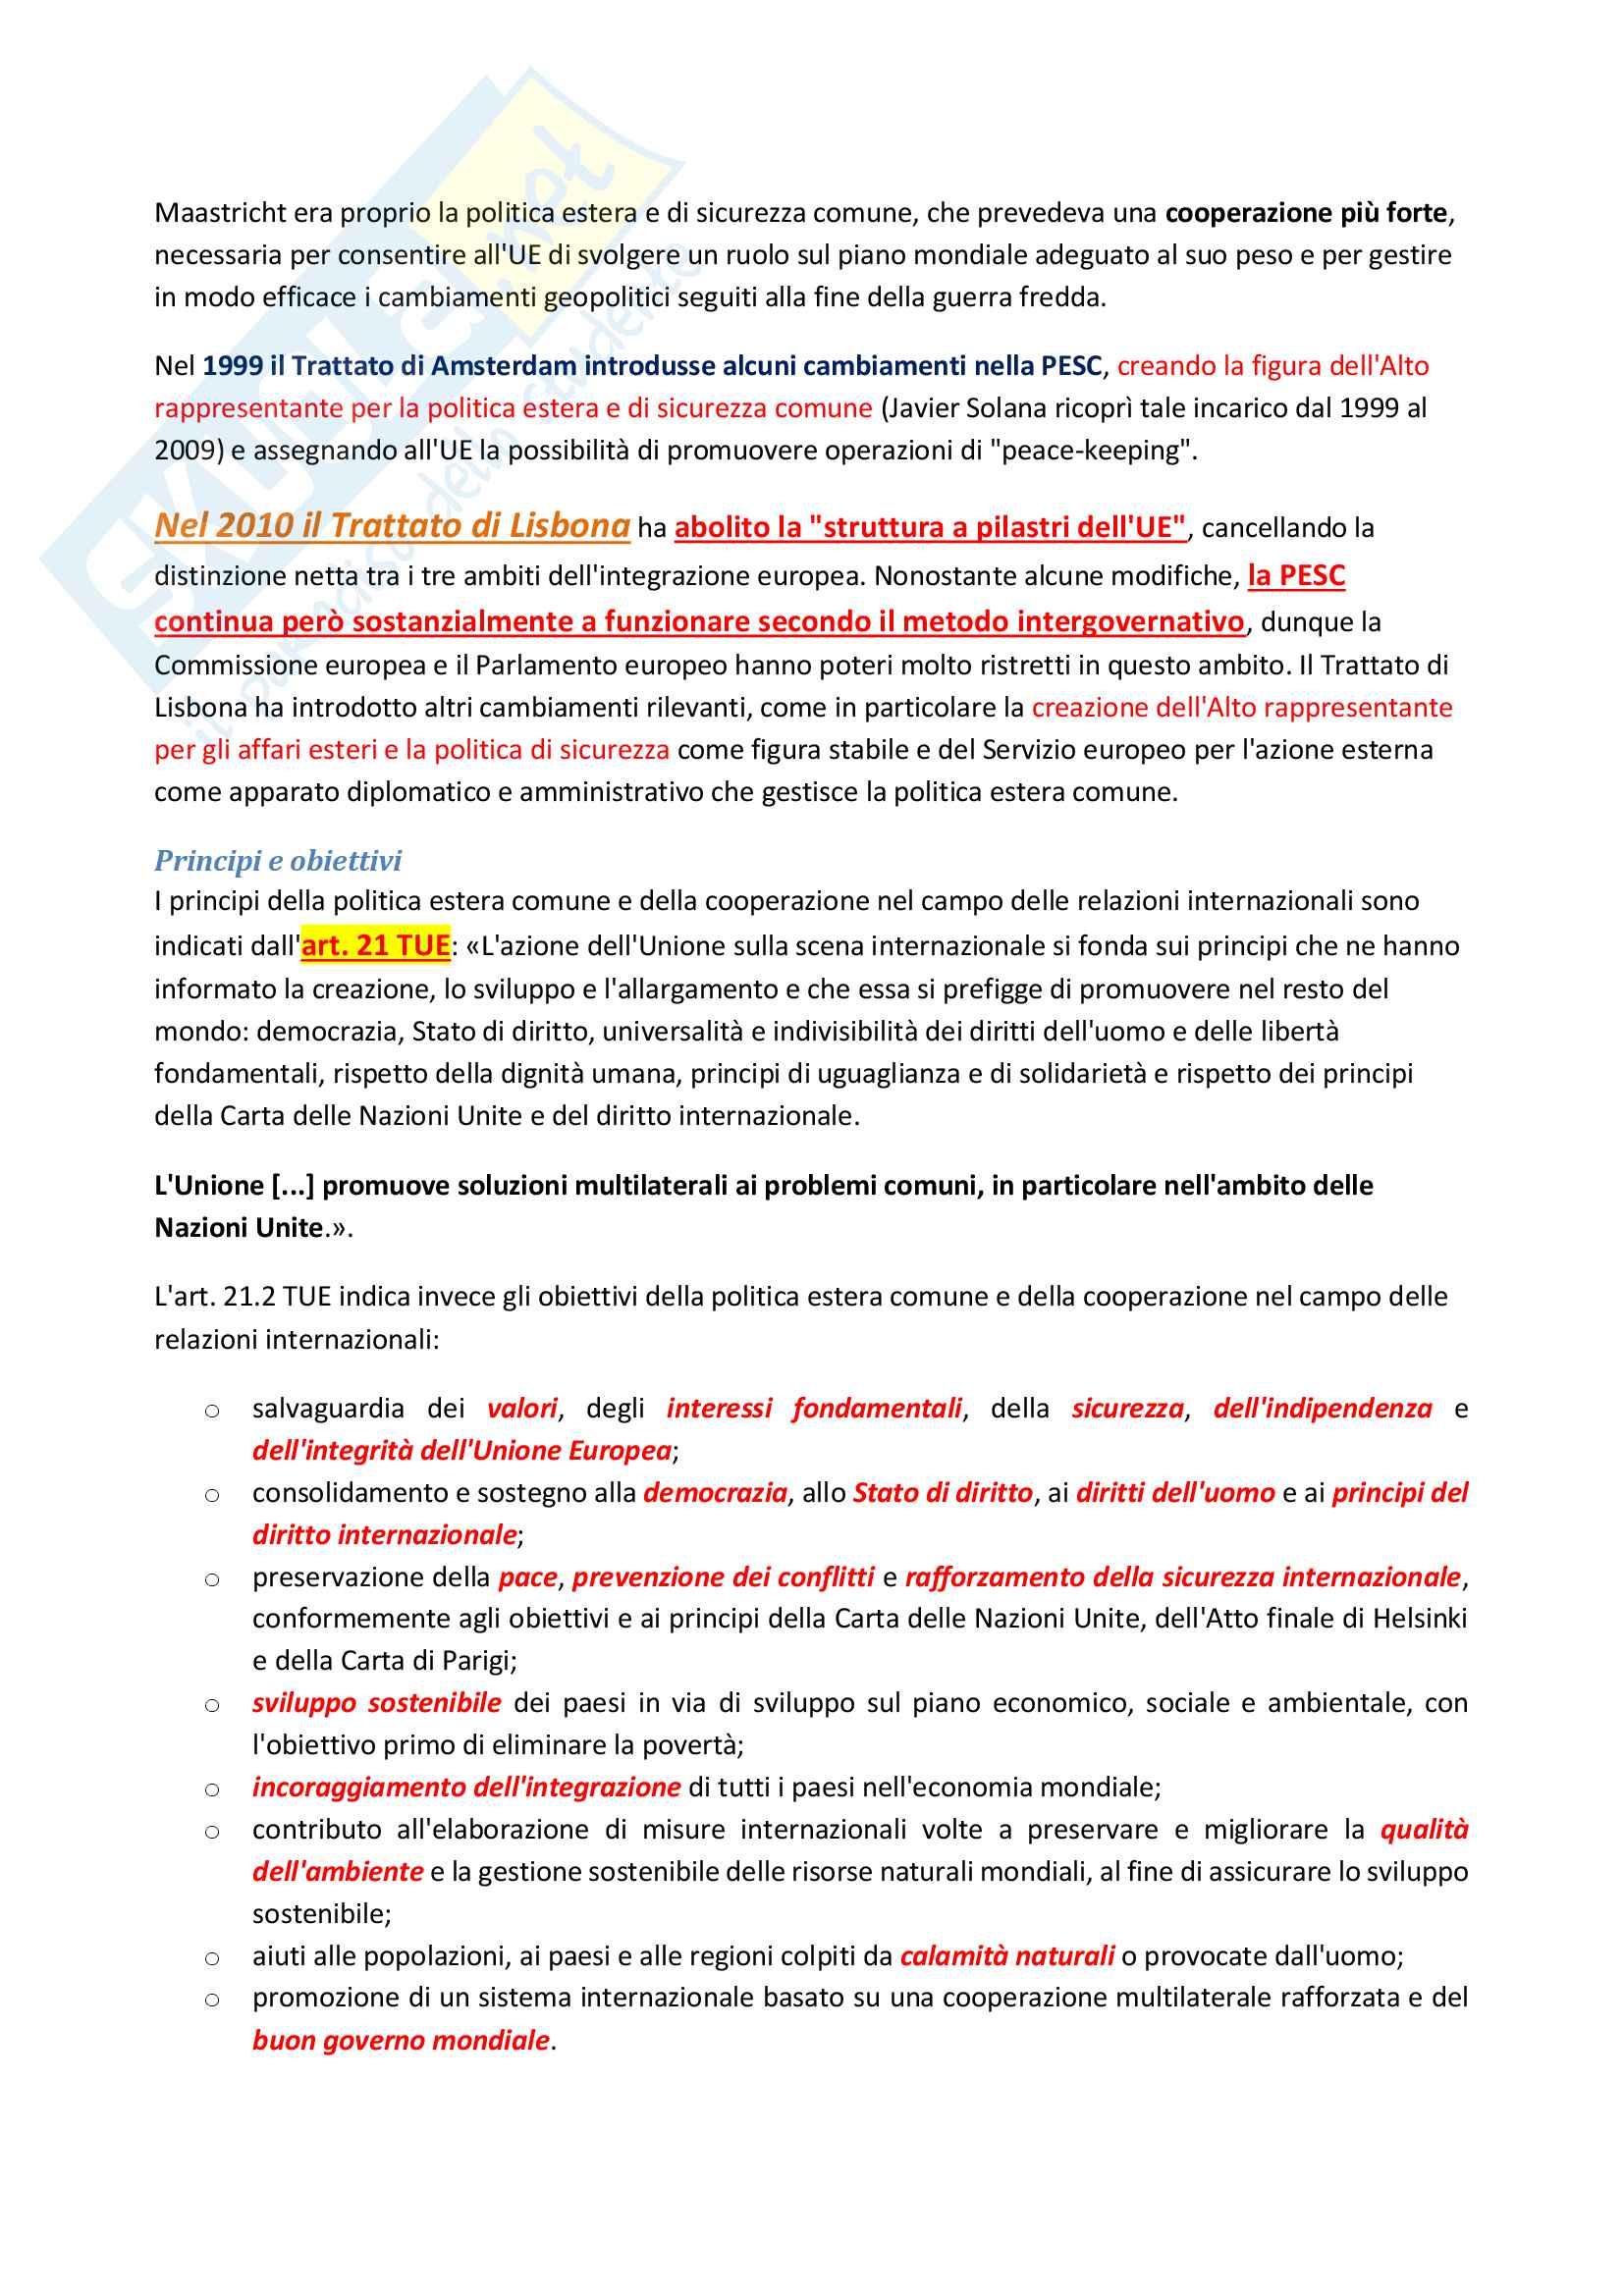 Riassunto esame di Diritto costituzionale 2 II, prof. P. Costanzo e L. Trucco, libro consigliato Lineamenti di diritto costituzionale dell'Unione Europea, P. Costanzo Pag. 31